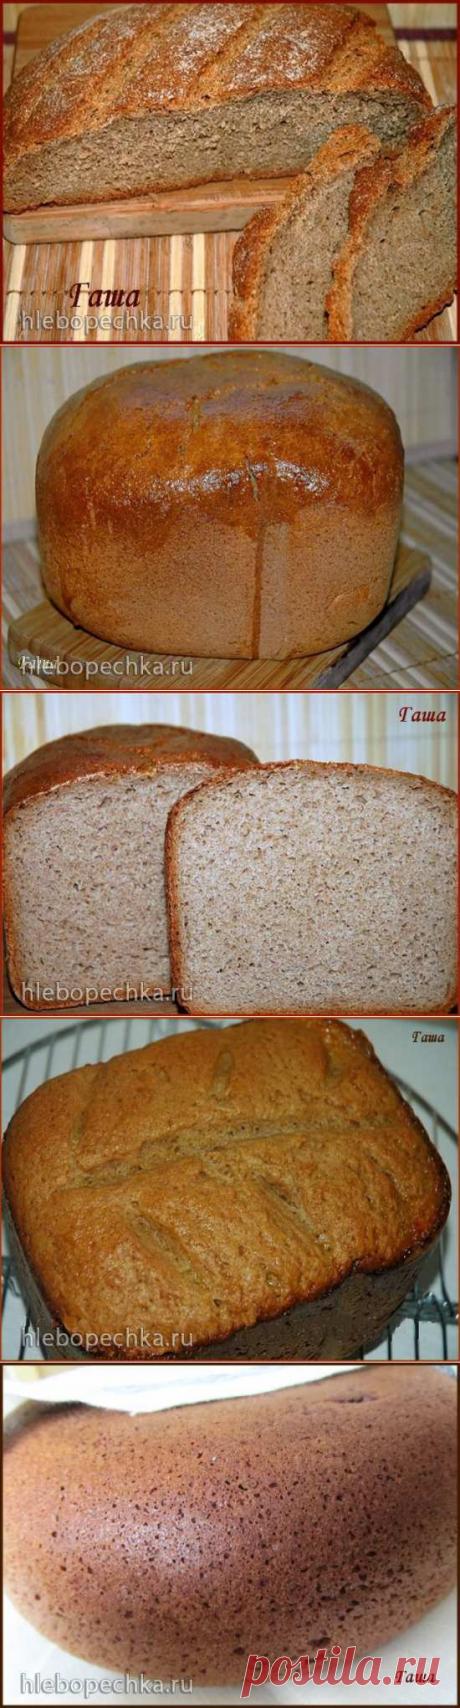 """Ржаной хлеб """"Без ничего"""" (духовка, хлебопечка, мультиварка) - ХЛЕБОПЕЧКА.РУ - рецепты, отзывы, инструкции"""